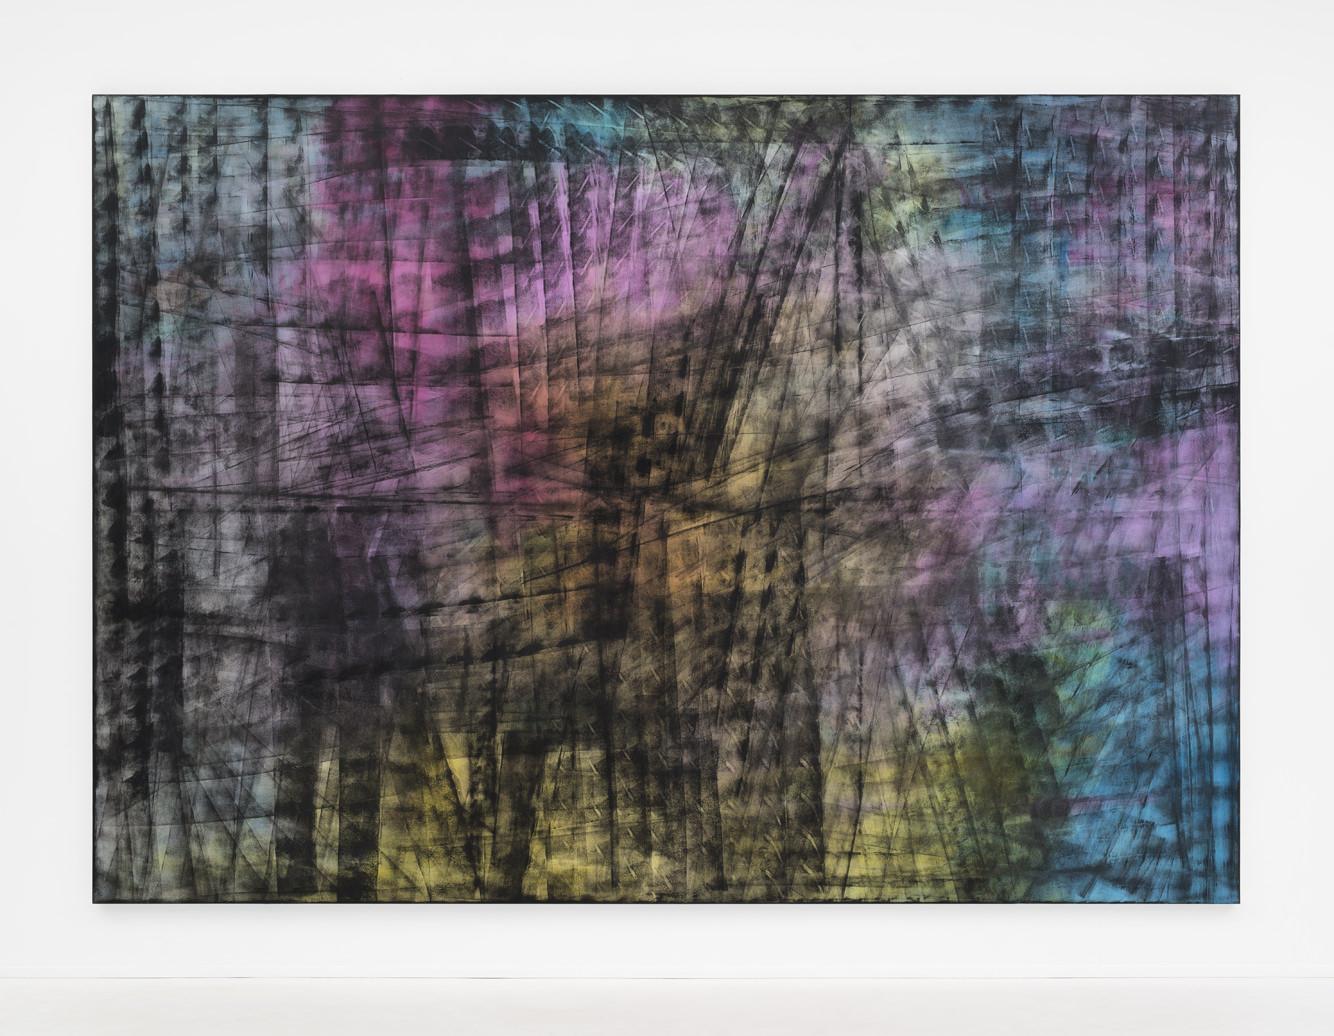 Jean-Baptiste Bernadet, artiste virtuose de la couleur exposé galerie Almine Rech à Bruxelles